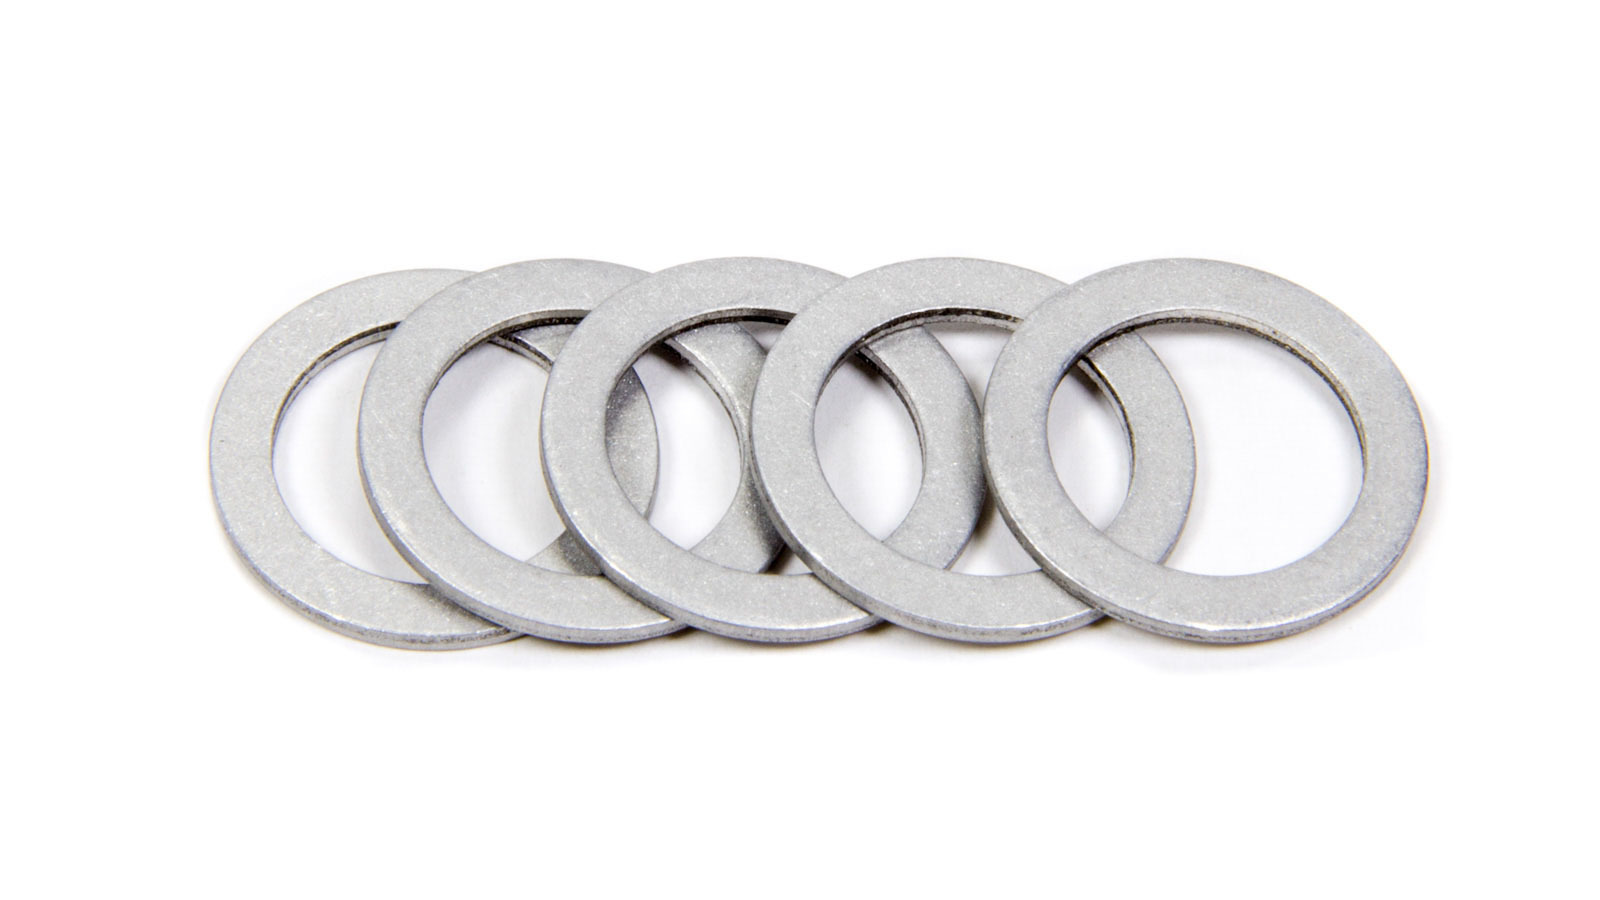 Aeroquip #6 Aluminum Crushwashers